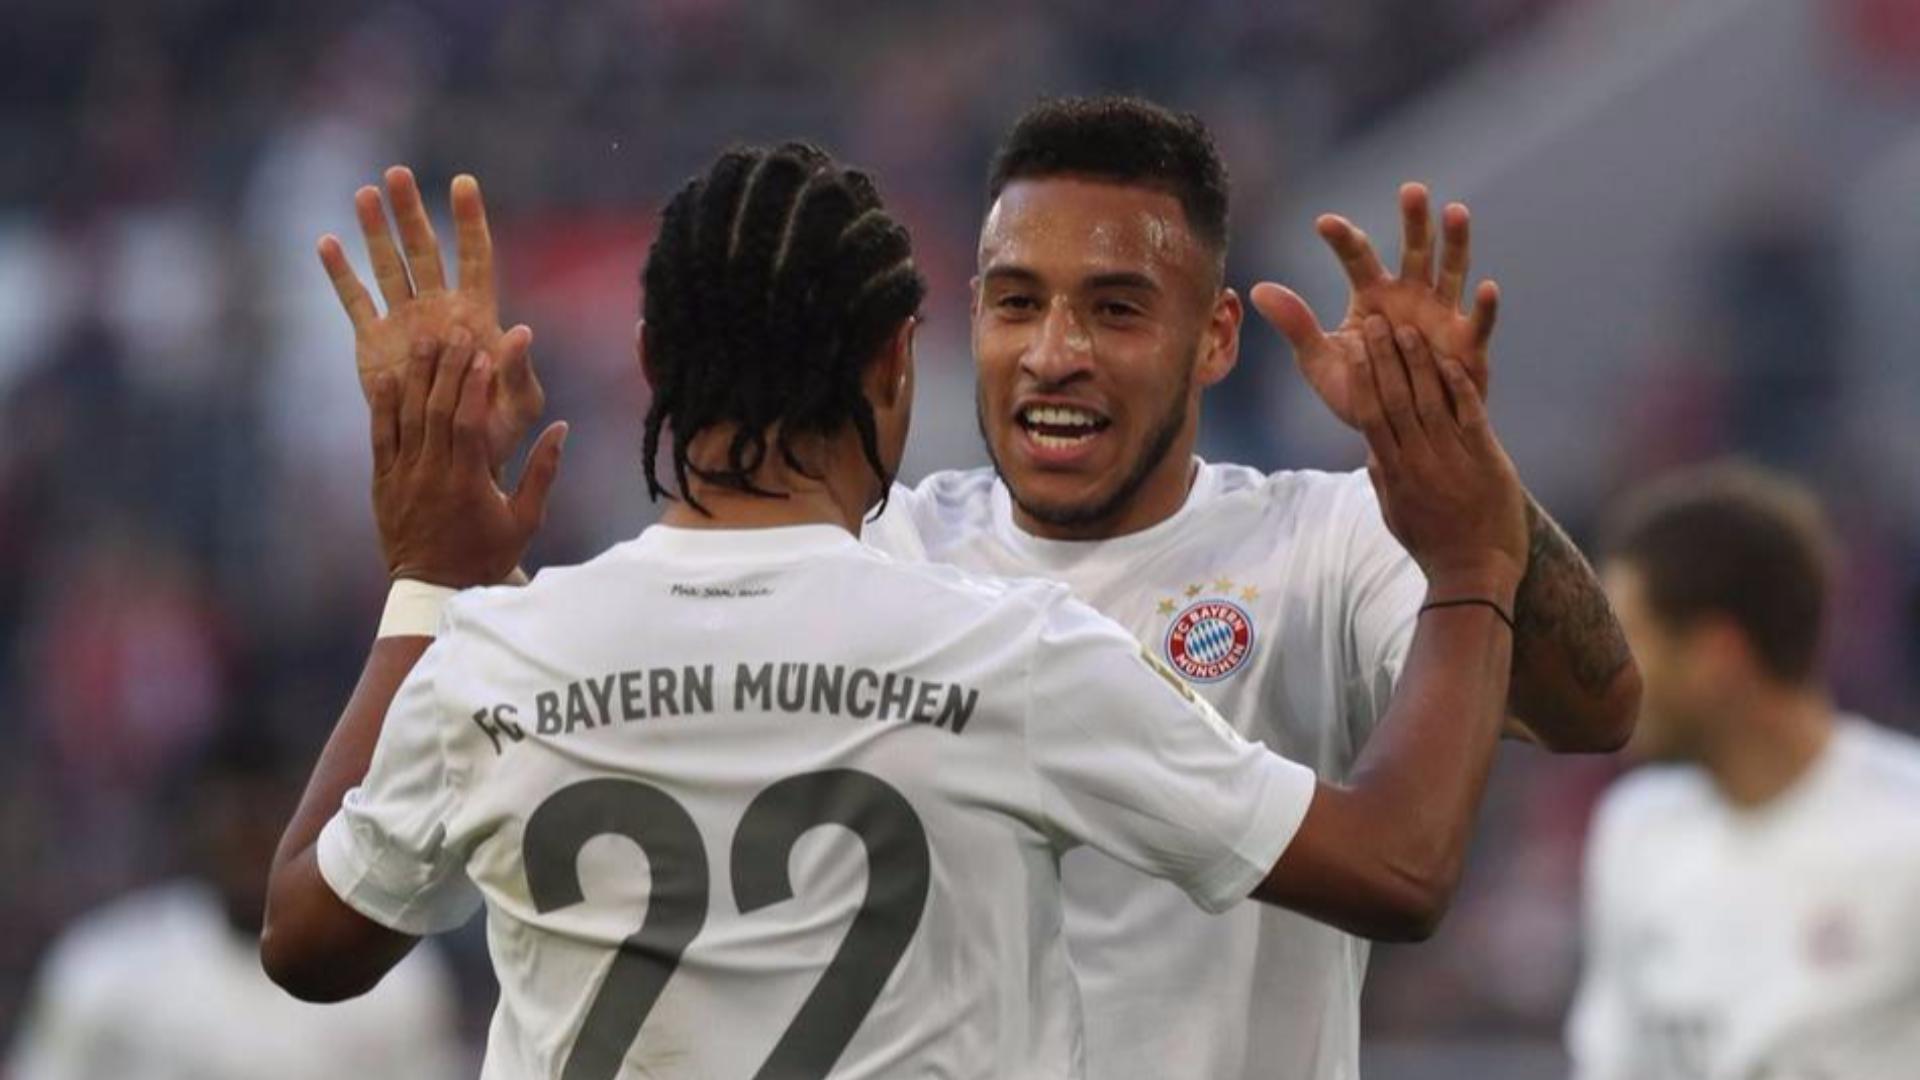 2019-2020赛季德甲第12轮 杜塞尔多夫vs拜仁慕尼黑 全场集锦